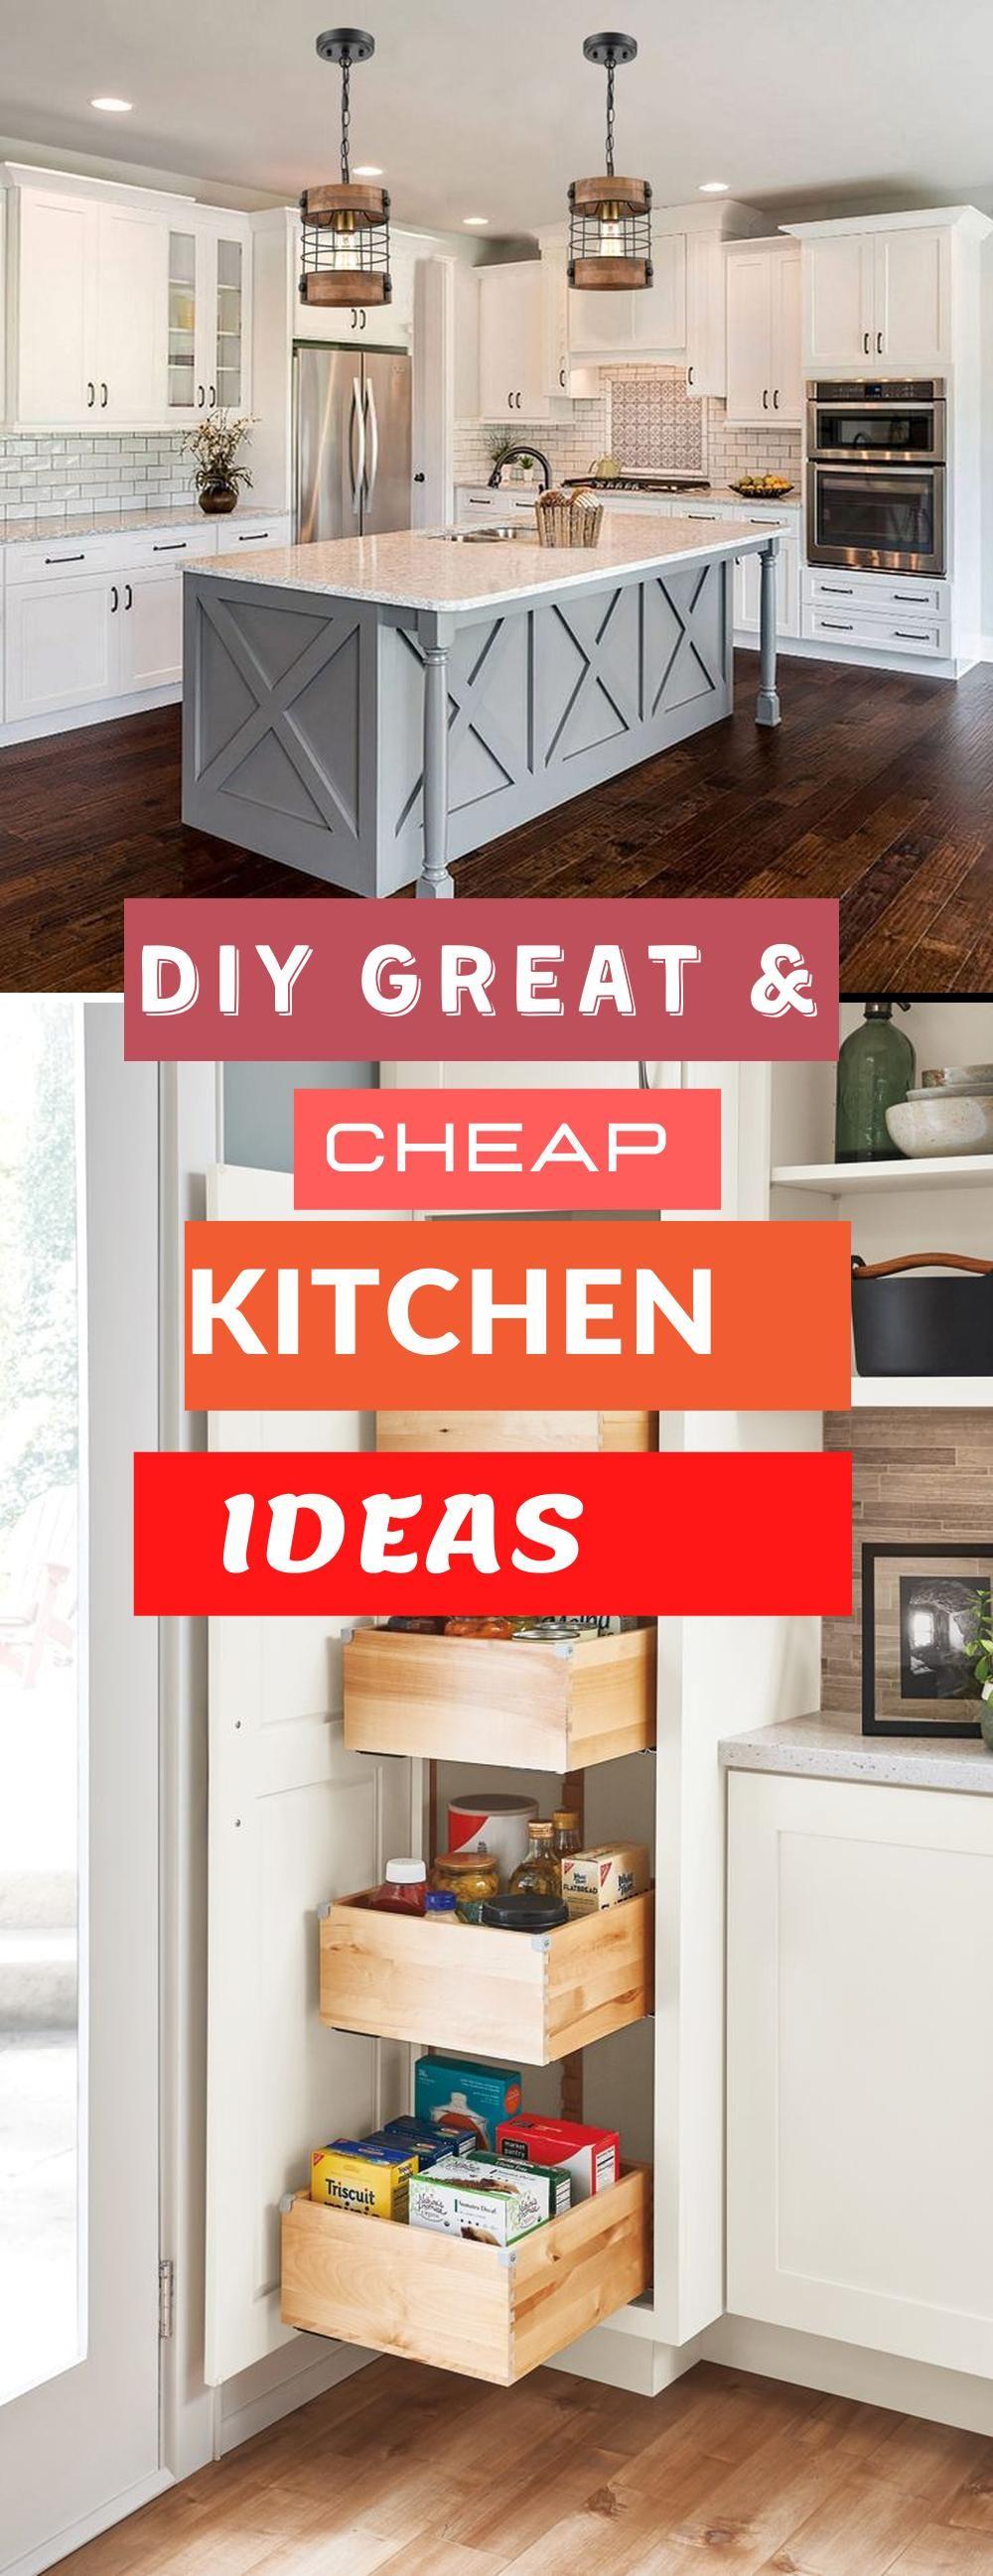 New Diy Kitchen Design Ideas In 2021